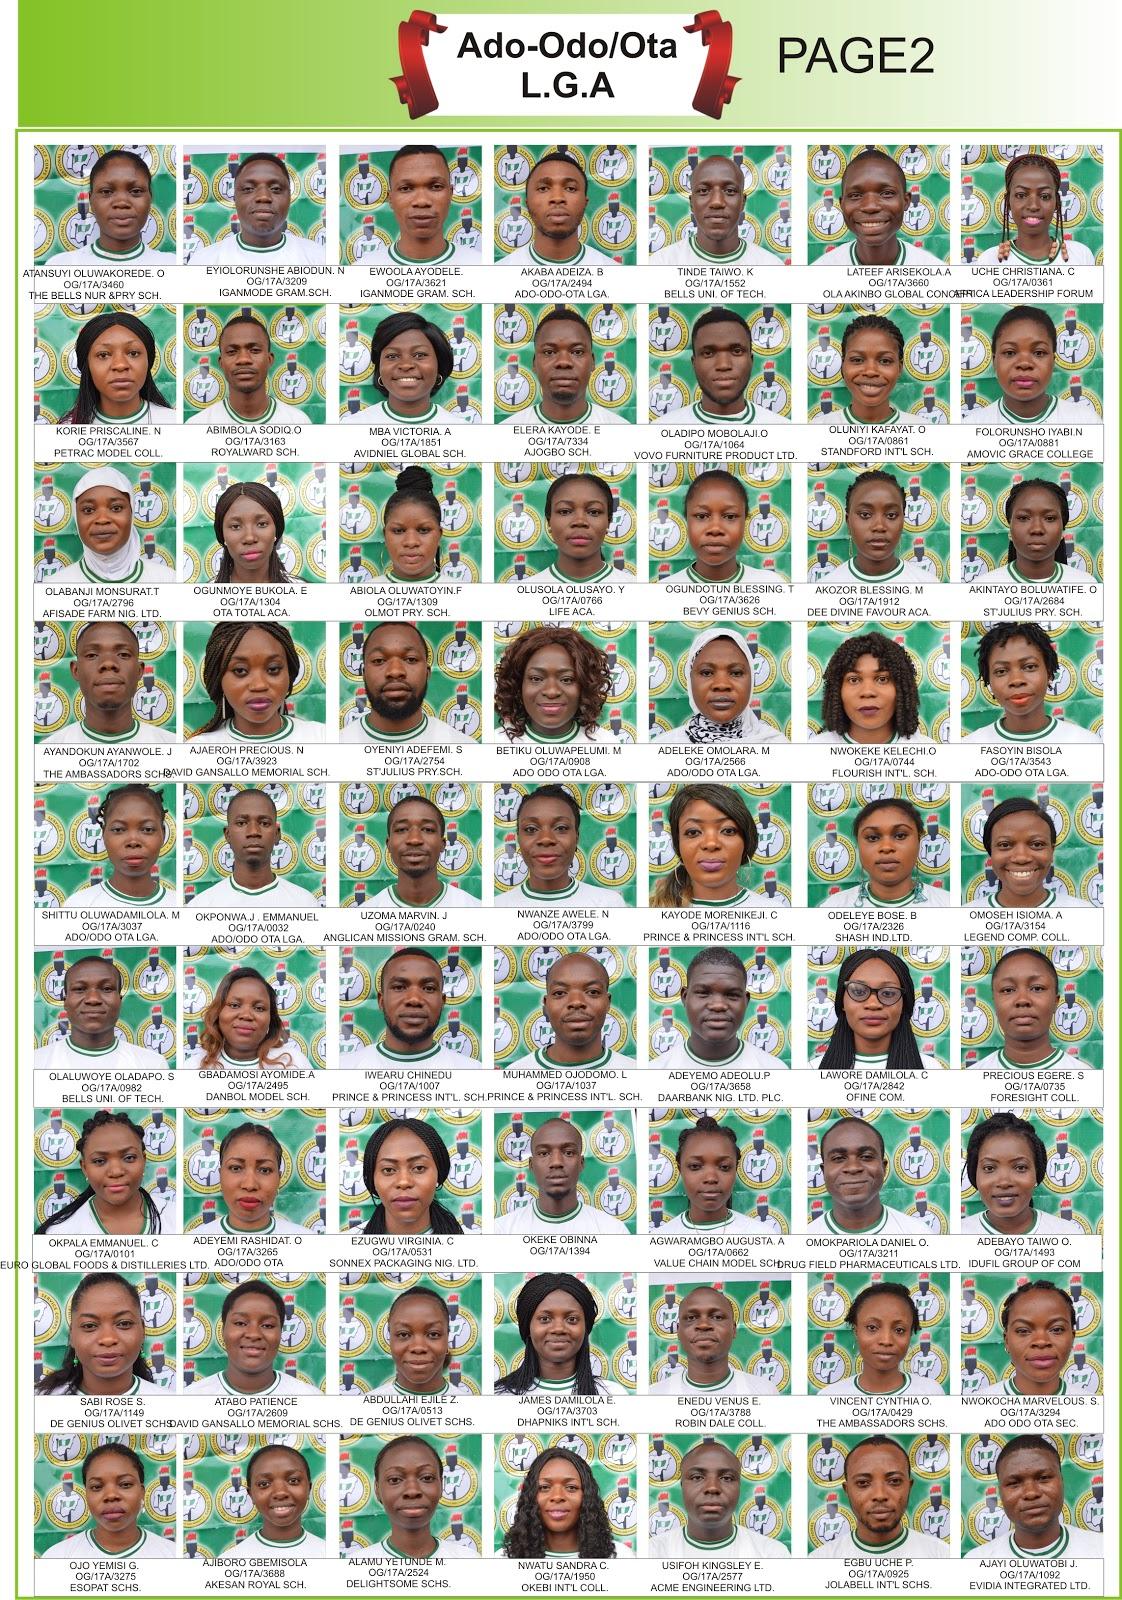 Nysc Ado Odo Ota Nysc Magzine Passports Details Corrected Version Celebrity Smiles